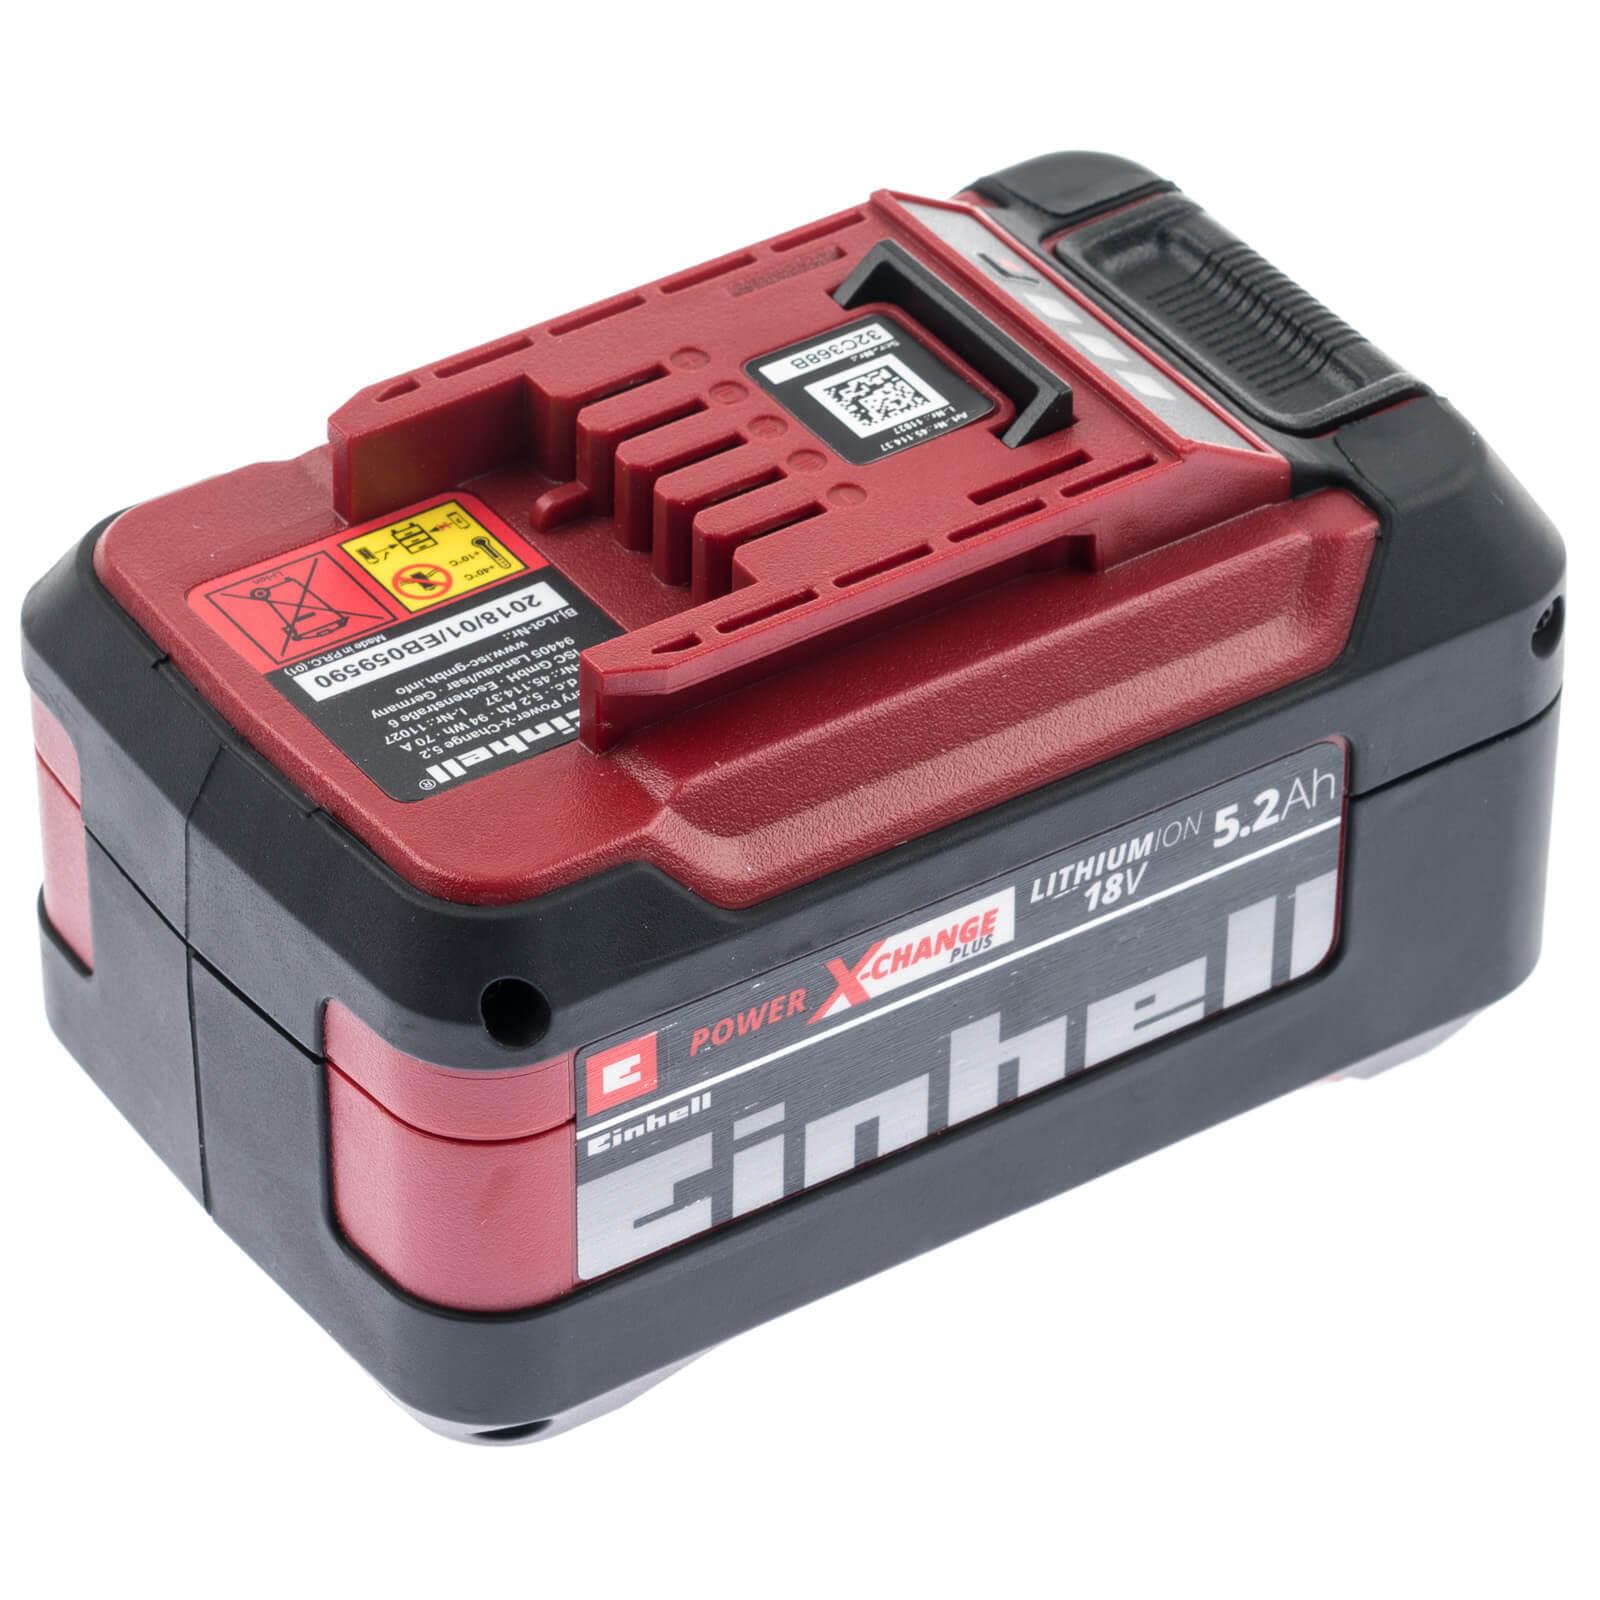 18 V passend für alle Power X-Change Geräte Einhell Lithium Ionen Akku 2,0 Ah